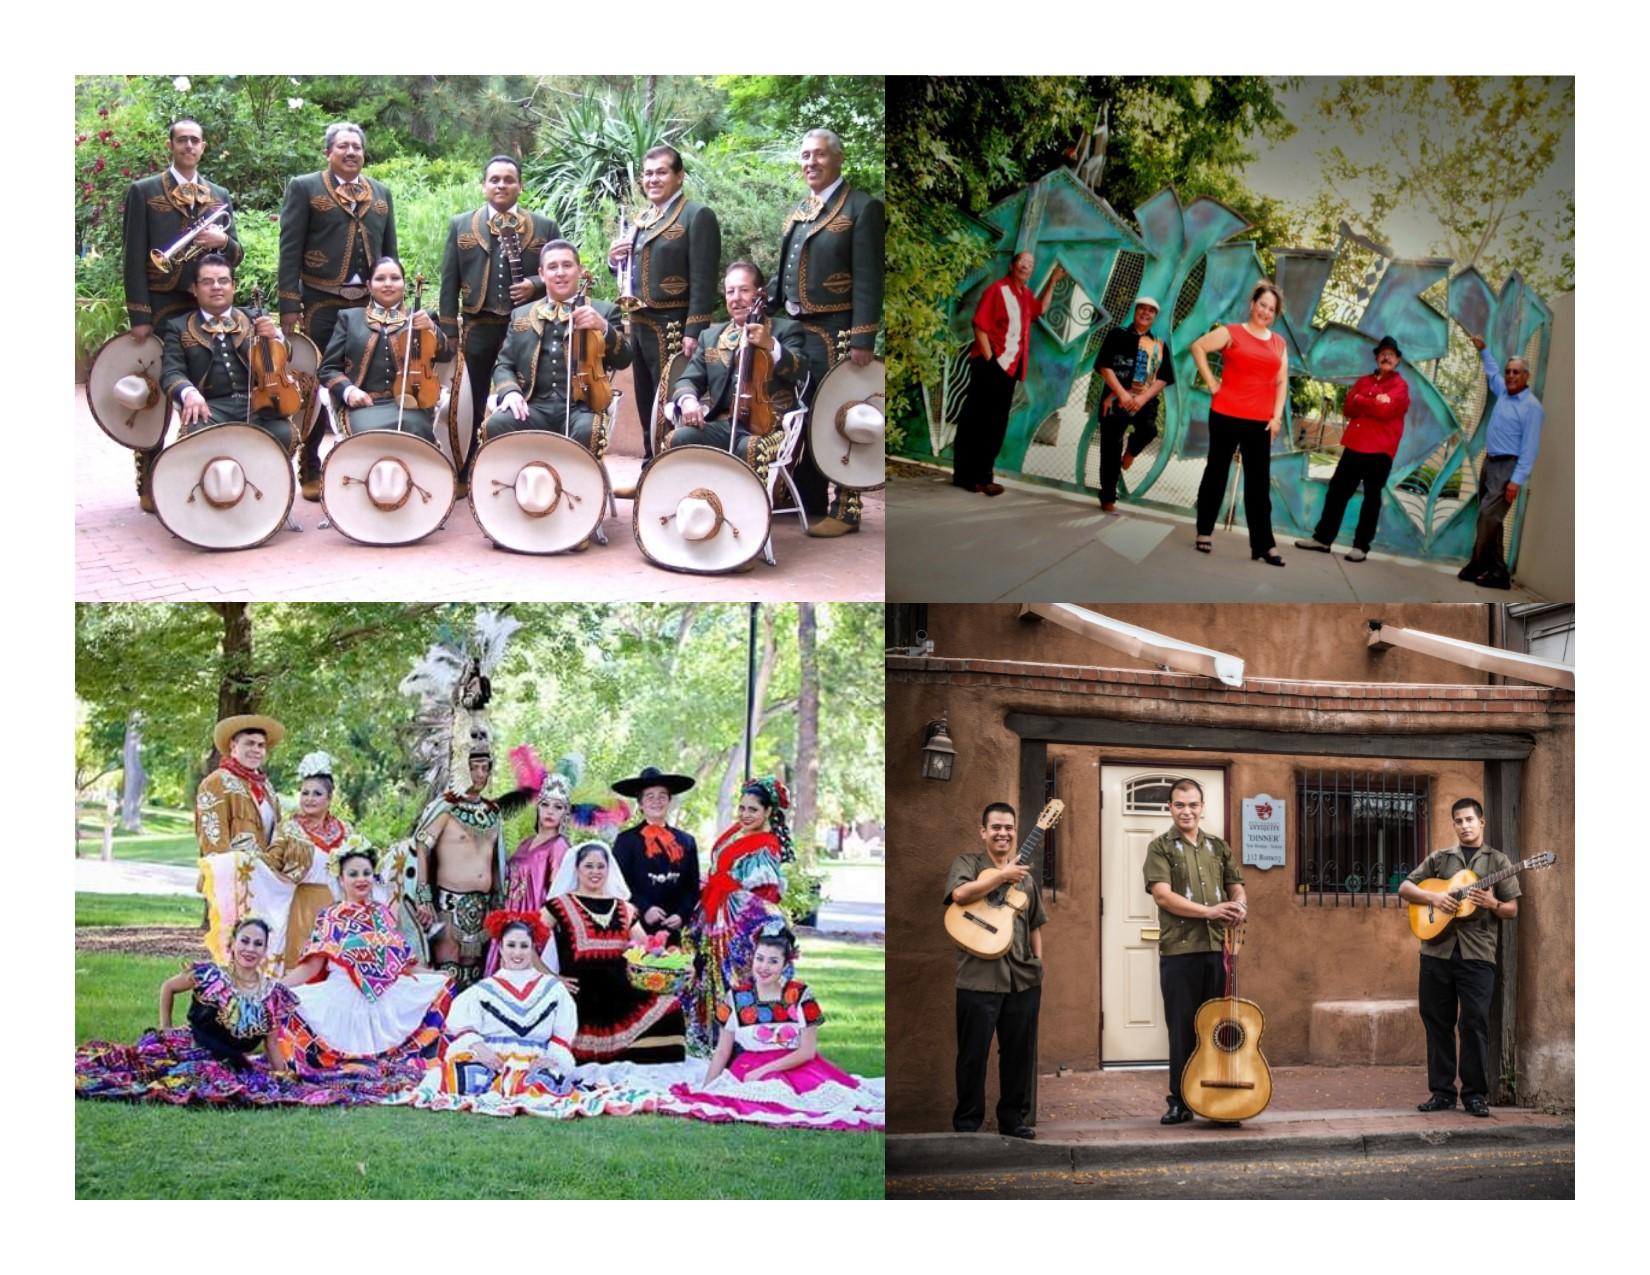 2017 Salsa Fiesta Entertainment Collage 2.0